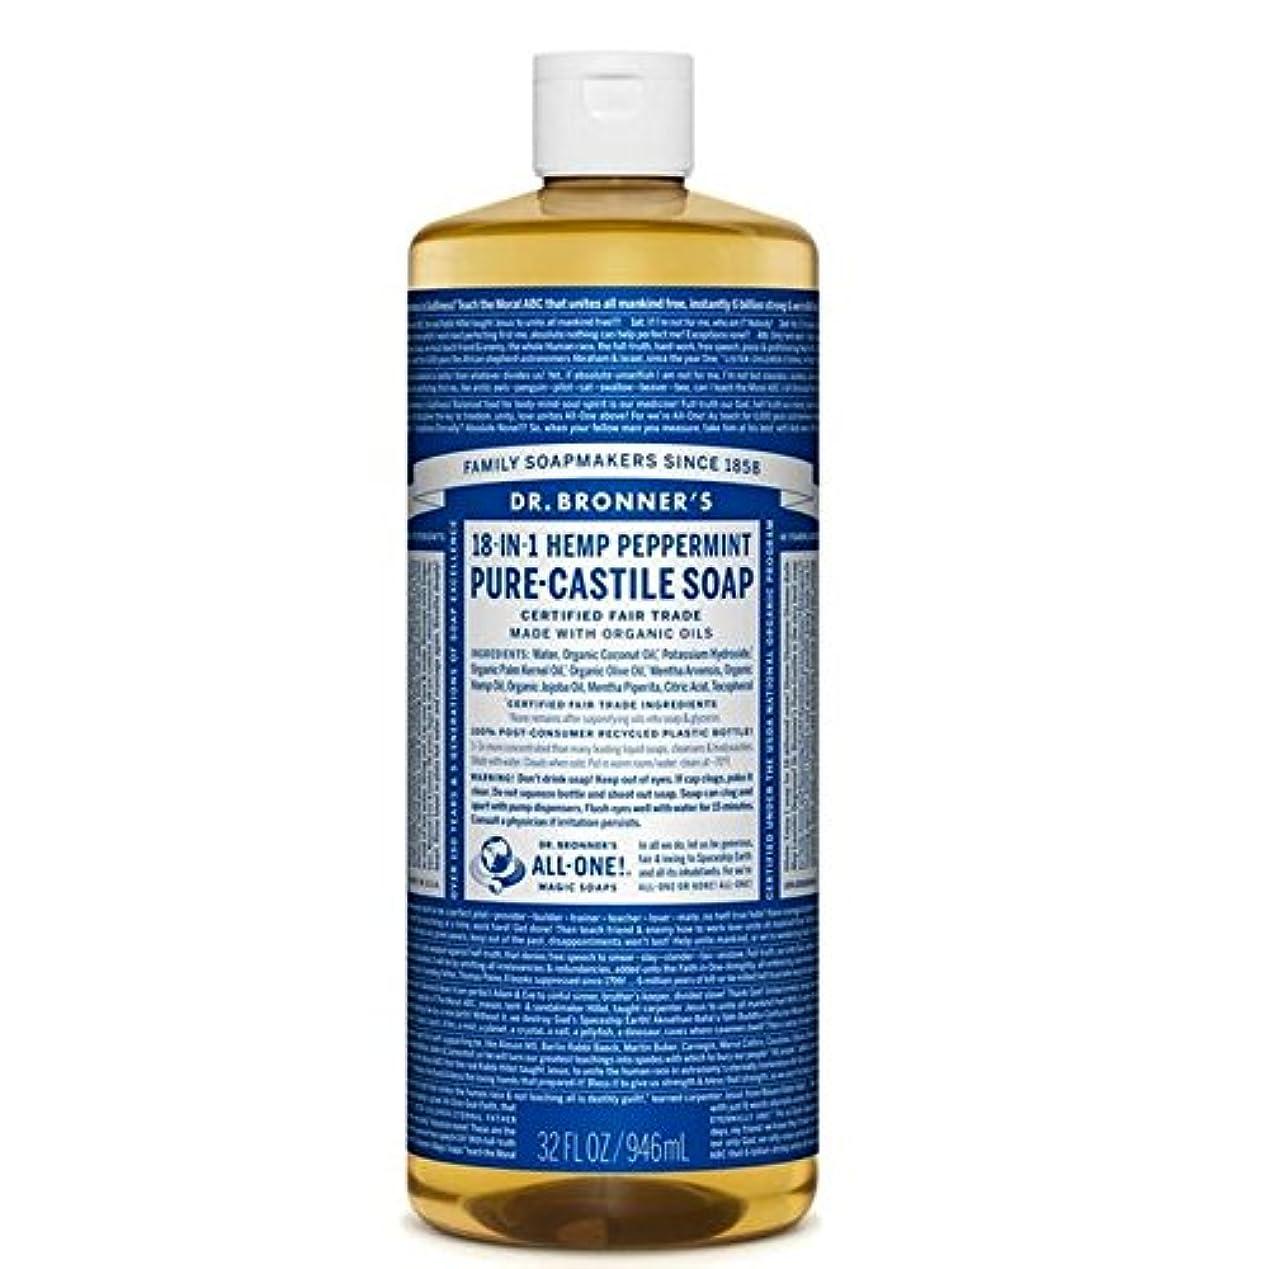 準備した納税者食い違いのブロナー有機ペパーミントカスティーリャ液体石鹸946ミリリットル x4 - Dr Bronner Organic Peppermint Castile Liquid Soap 946ml (Pack of 4) [並行輸入品]